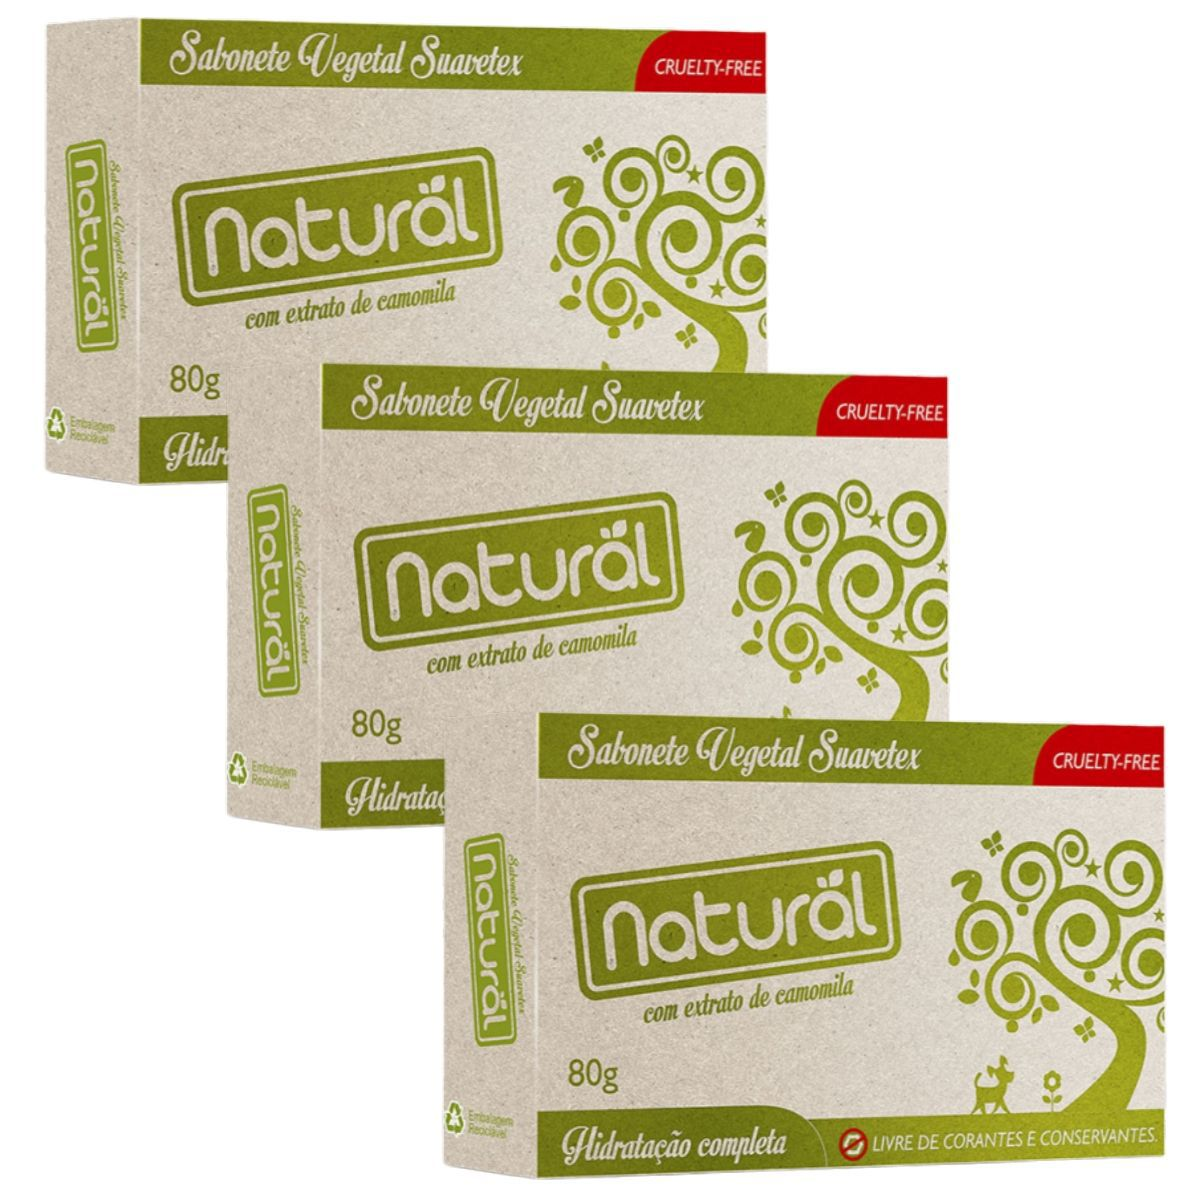 Kit 3 Sabonete Contente Com ingredientes Organicos e Naturais 80gr - Suavetex